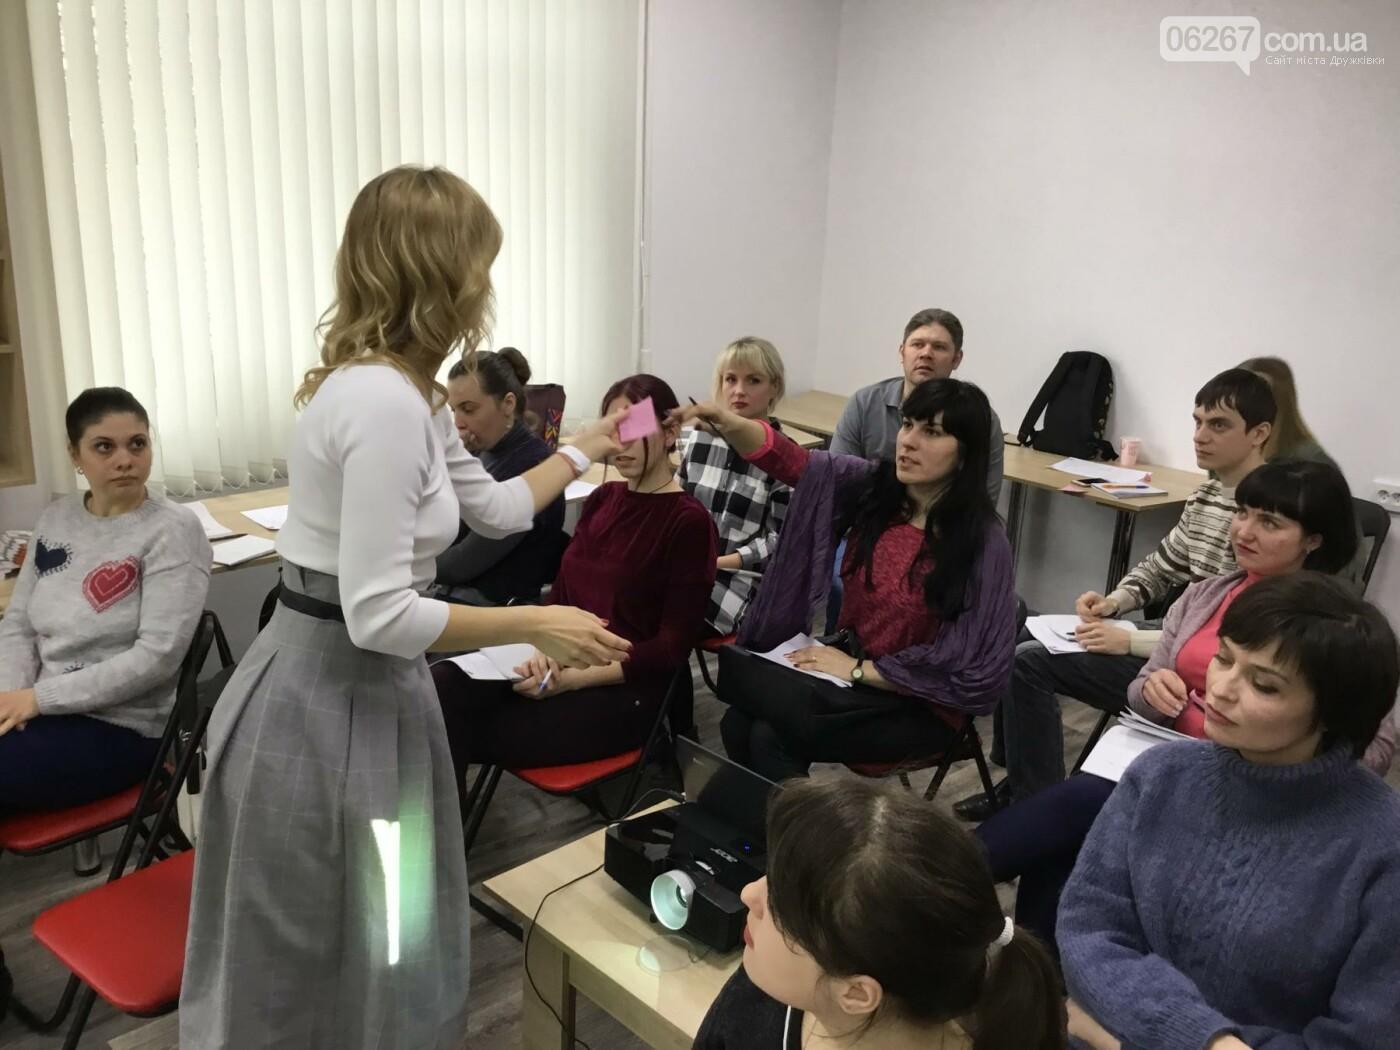 В Дружковке сегодня учили готовить проекты для Общественного бюджета (ФОТО, ВИДЕО), фото-1